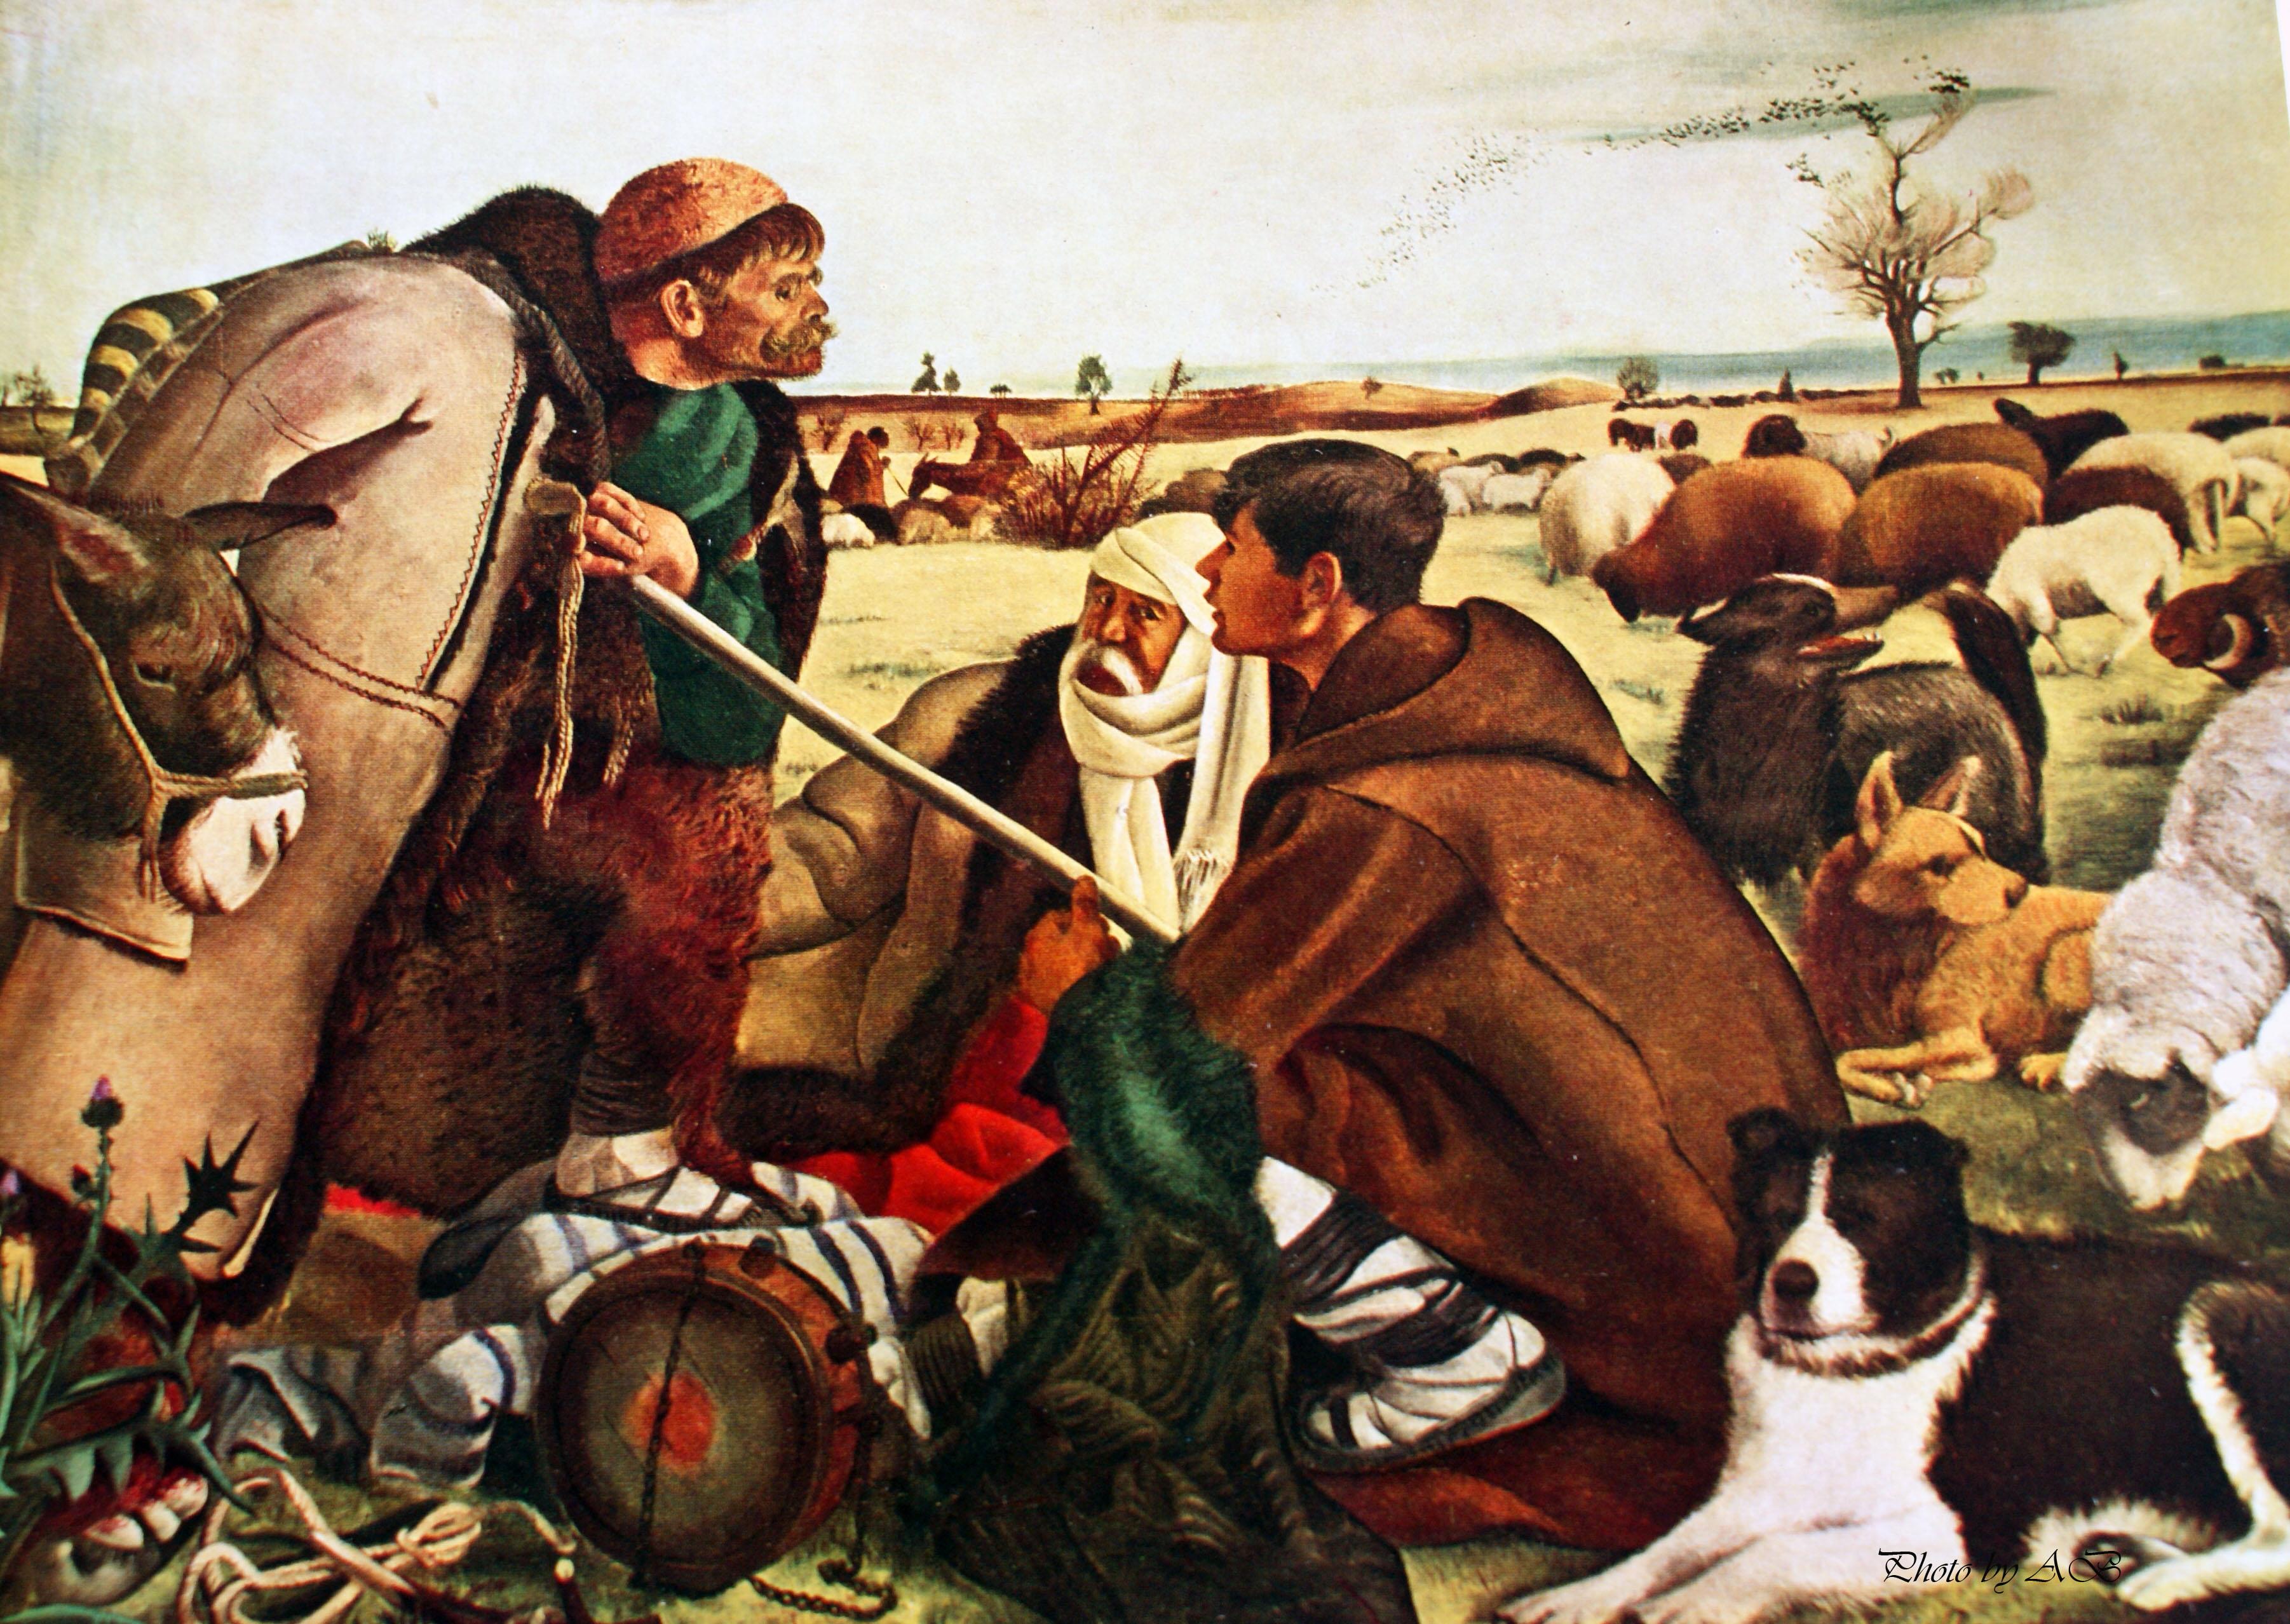 Zlatyu Boyadjiev(b. 1903), Brezovo Shepherds(1941)